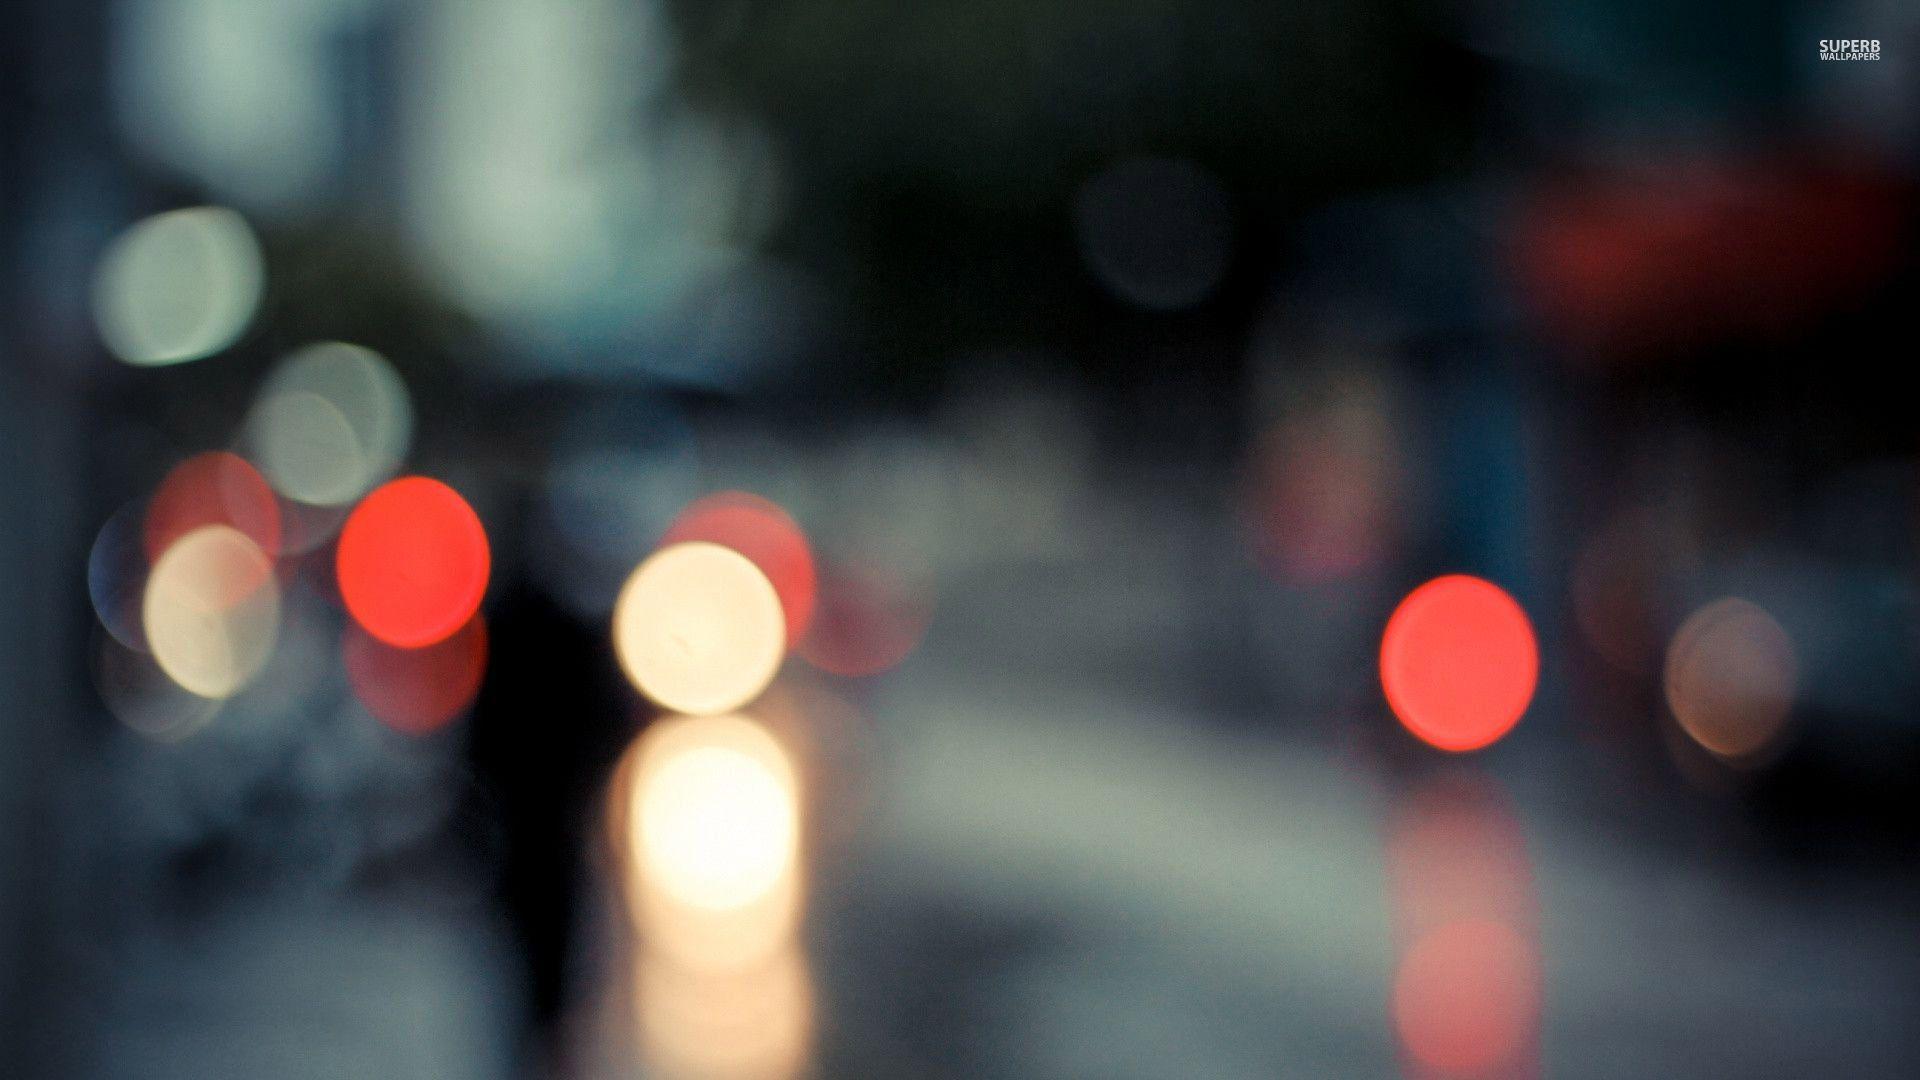 blurry lights wallpaper